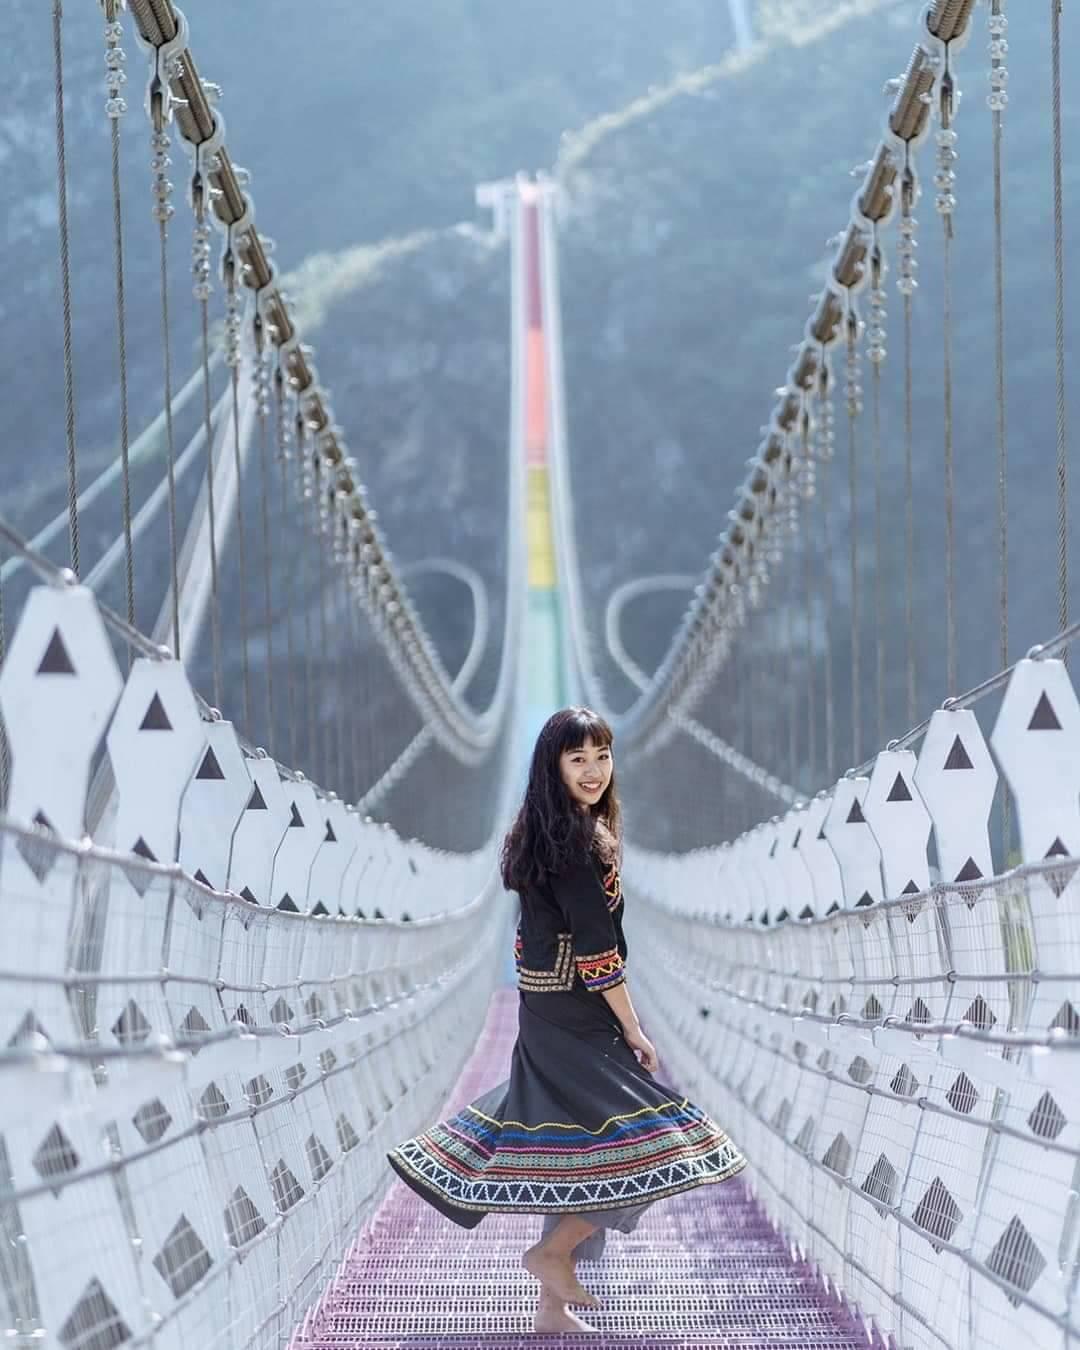 即將在6月20日揭幕啟用的七彩吊橋